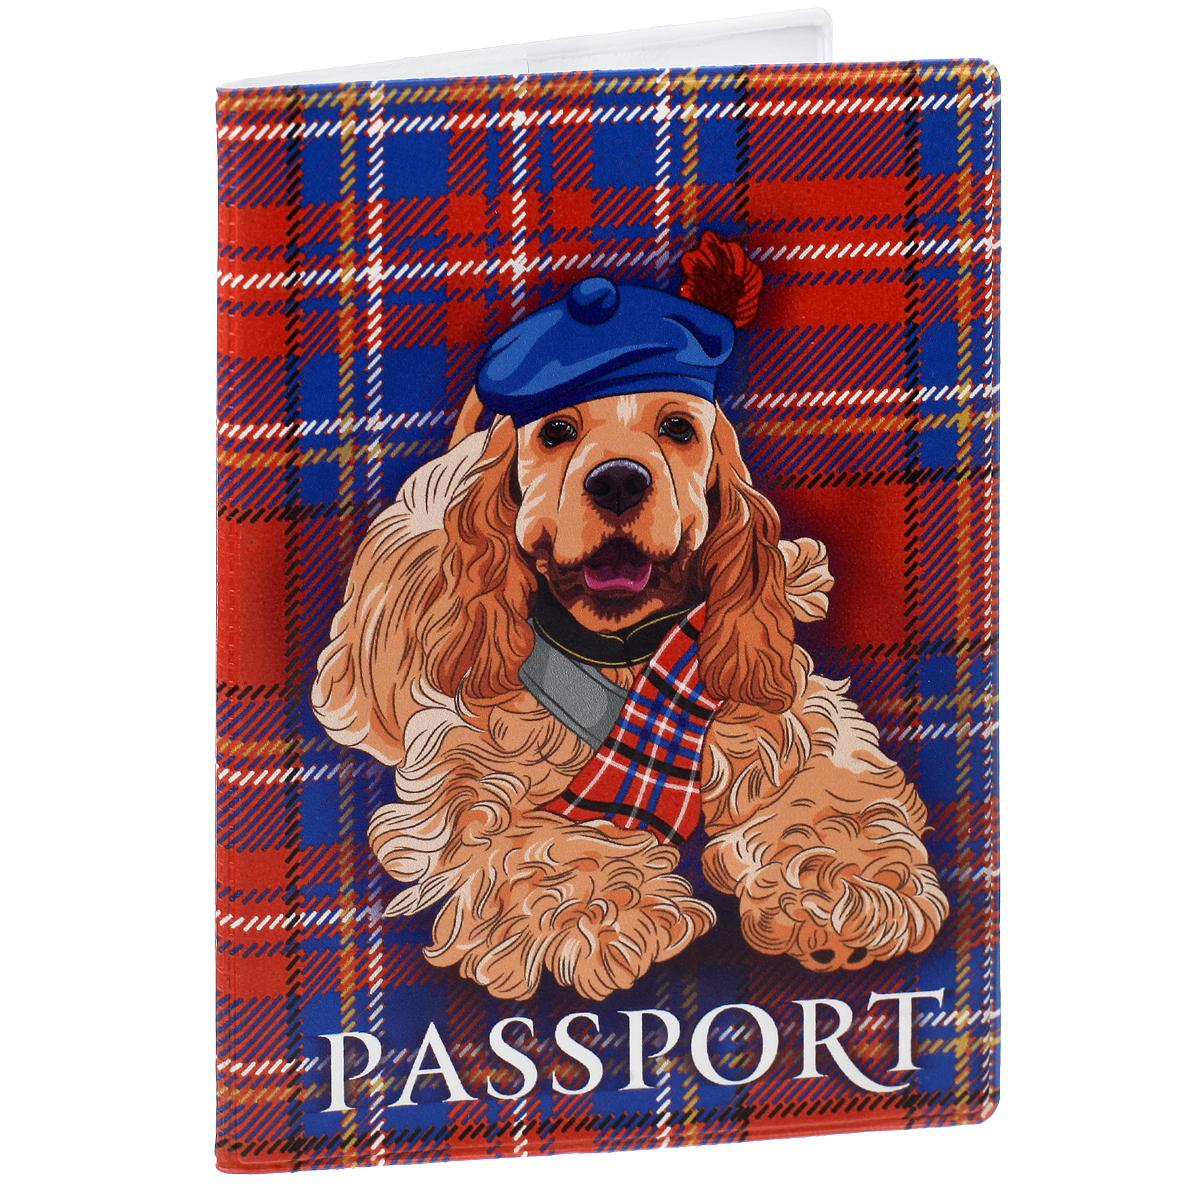 Обложка для паспорта Спаниель, цвет: бронзовый, красный, синий. 3566635666Обложка для паспорта Спаниель не только поможет сохранить внешний вид ваших документов и защитить их от повреждений, но и станет стильным аксессуаром, идеально подходящим вашему образу. Обложка выполнена из поливинилхлорида и оформлена оригинальным изображением спаниеля. Внутри имеет два вертикальных кармана из прозрачного пластика. Такая обложка поможет вам подчеркнуть свою индивидуальность и неповторимость!